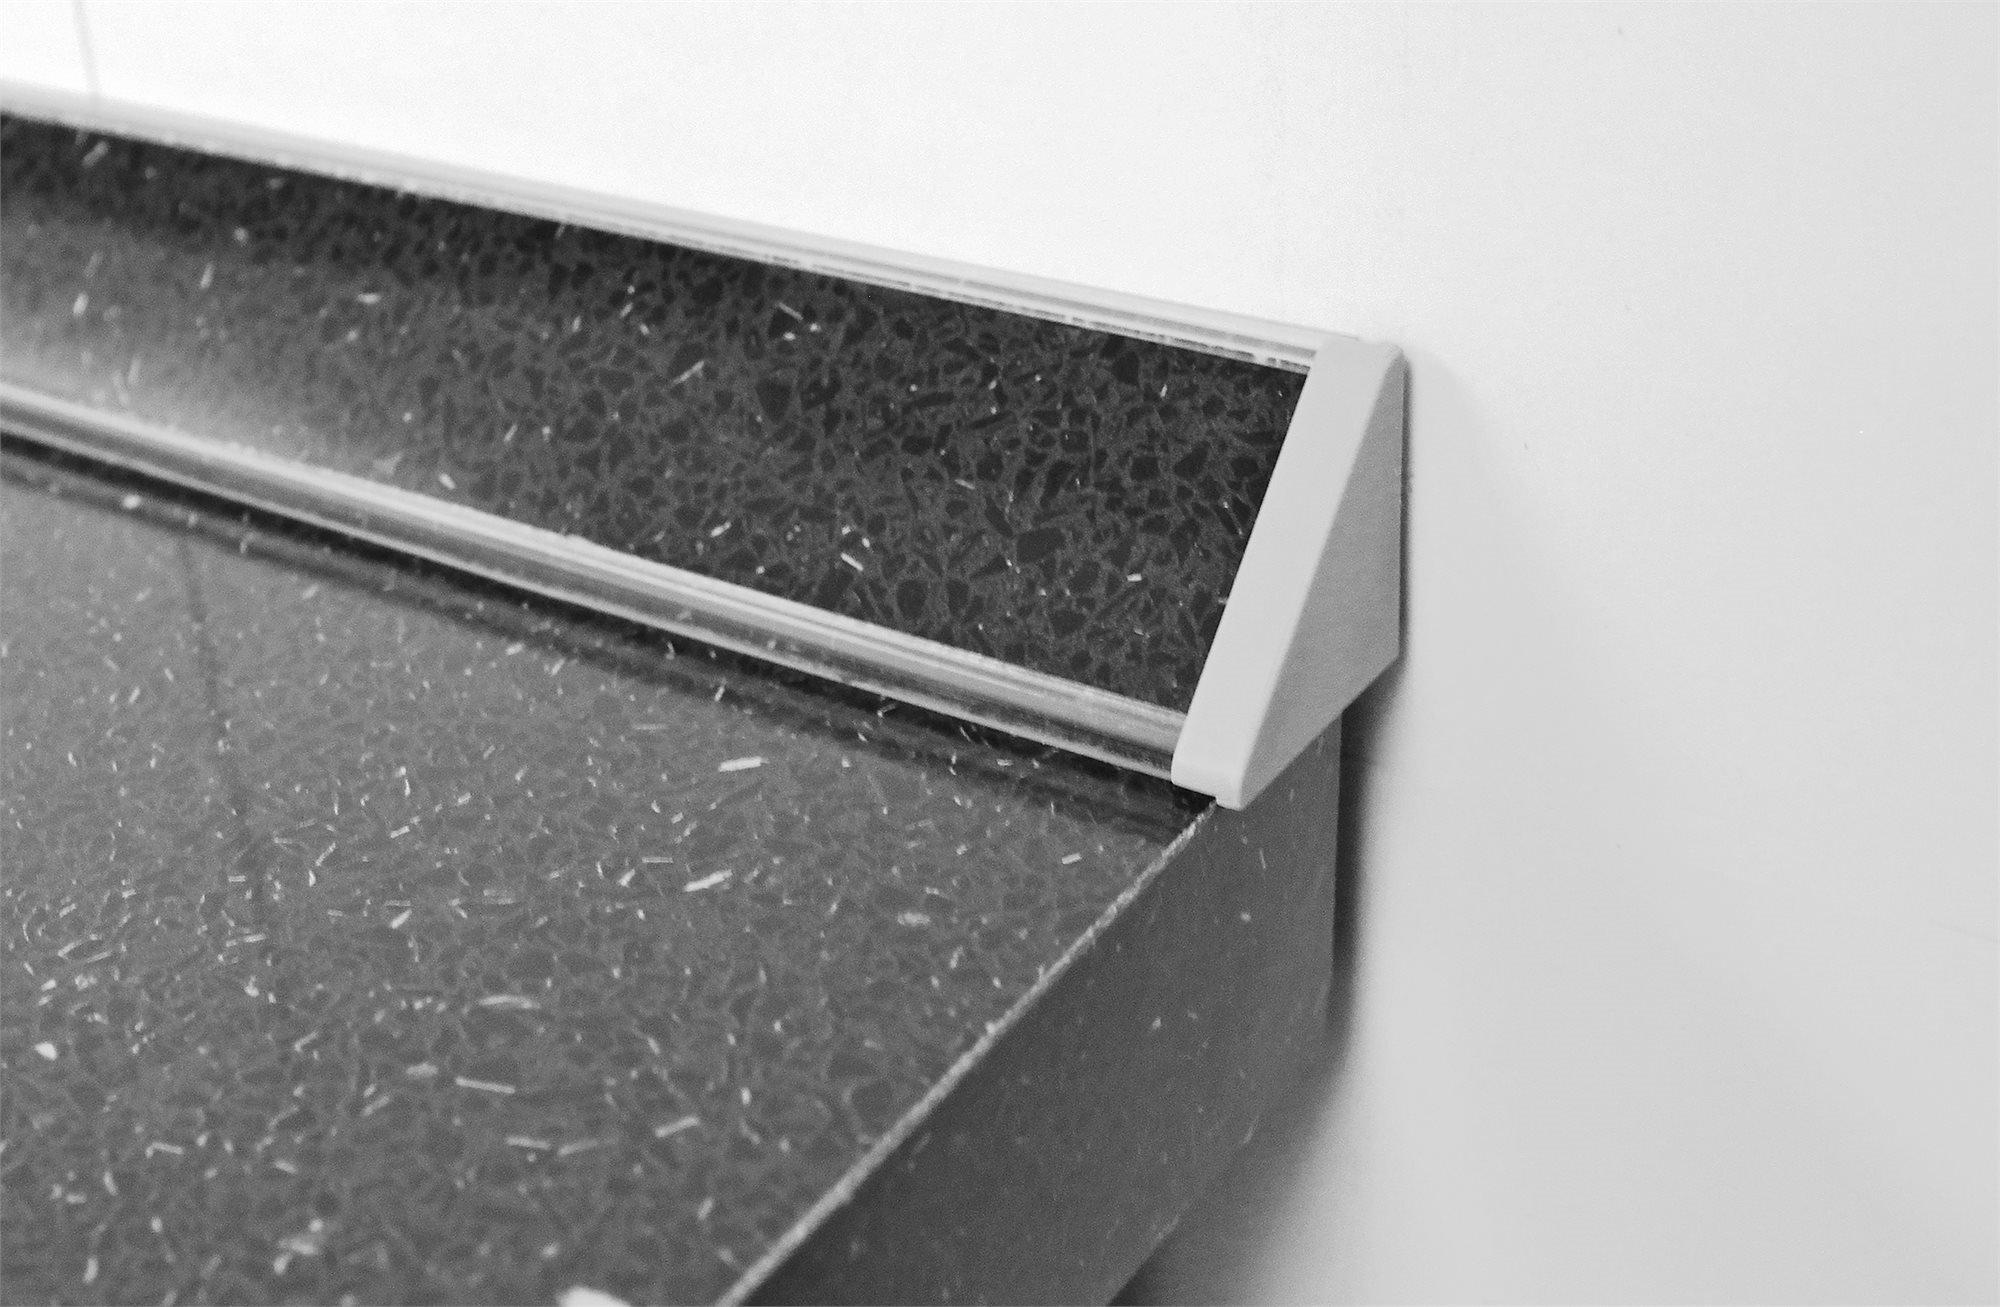 алюминиевый плинтус для столешницы из пластика